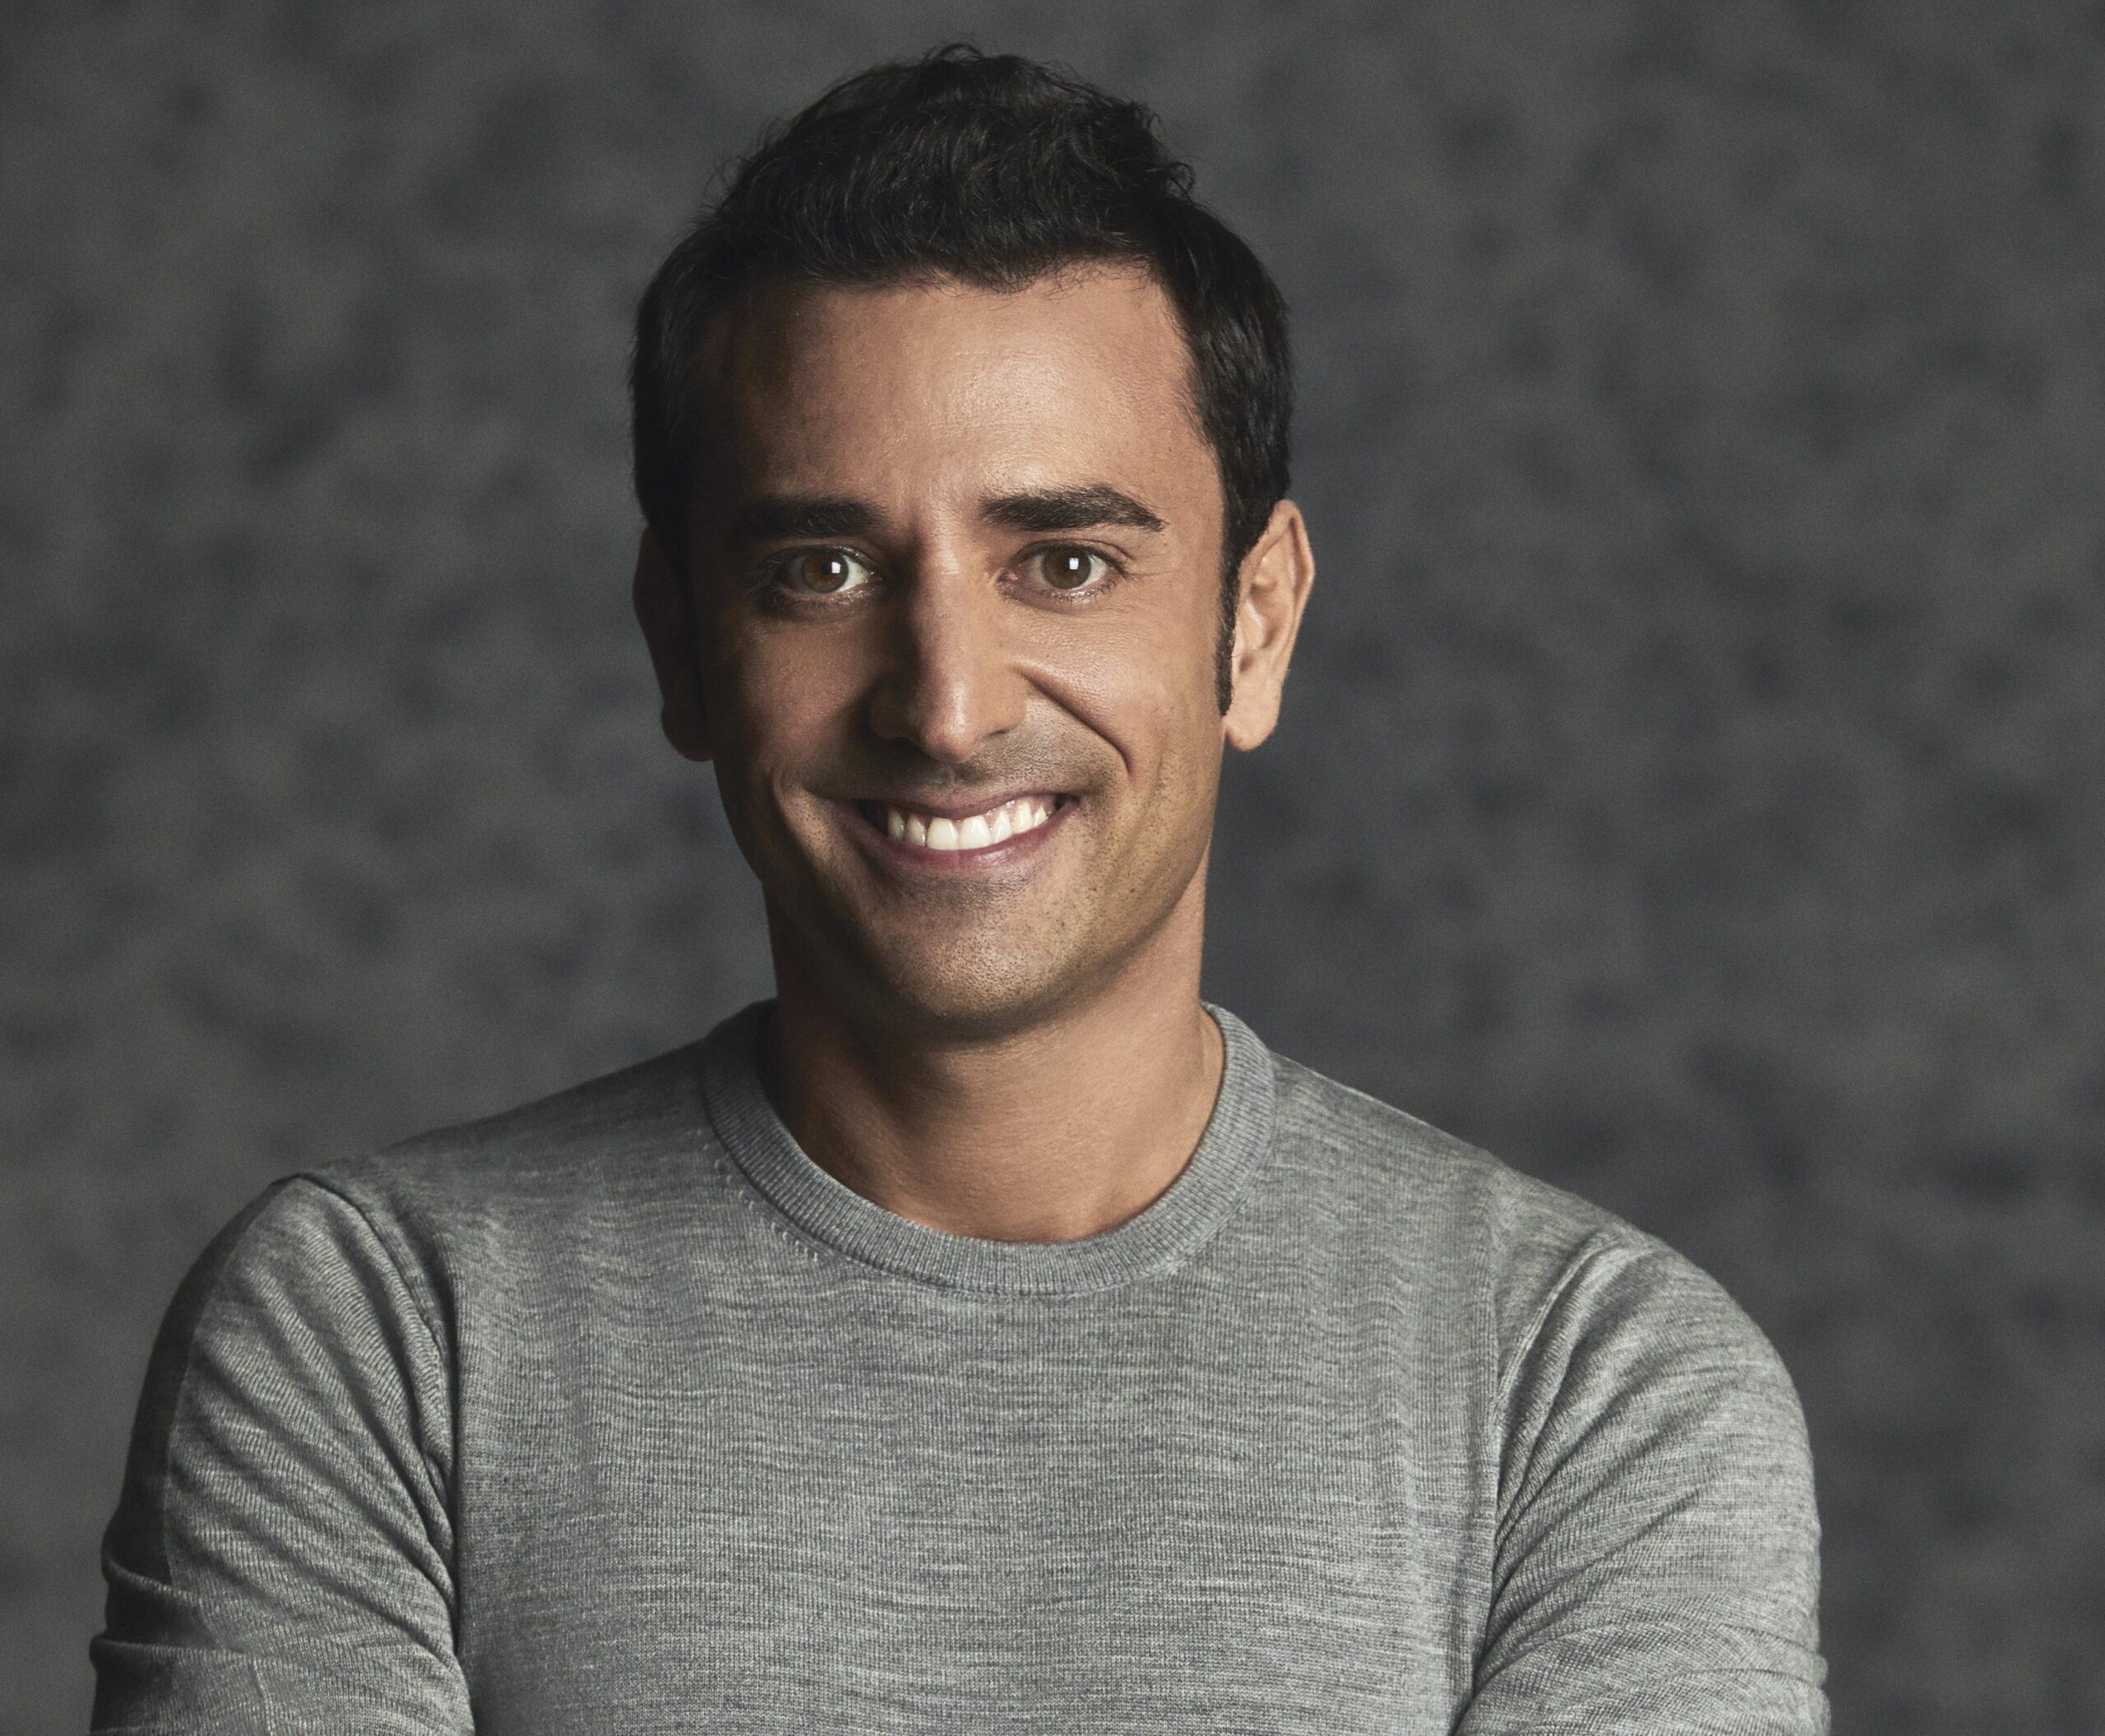 Xabi Uribe-Etxebarria, el español que cambiará Silicon Valley desde Bilbao